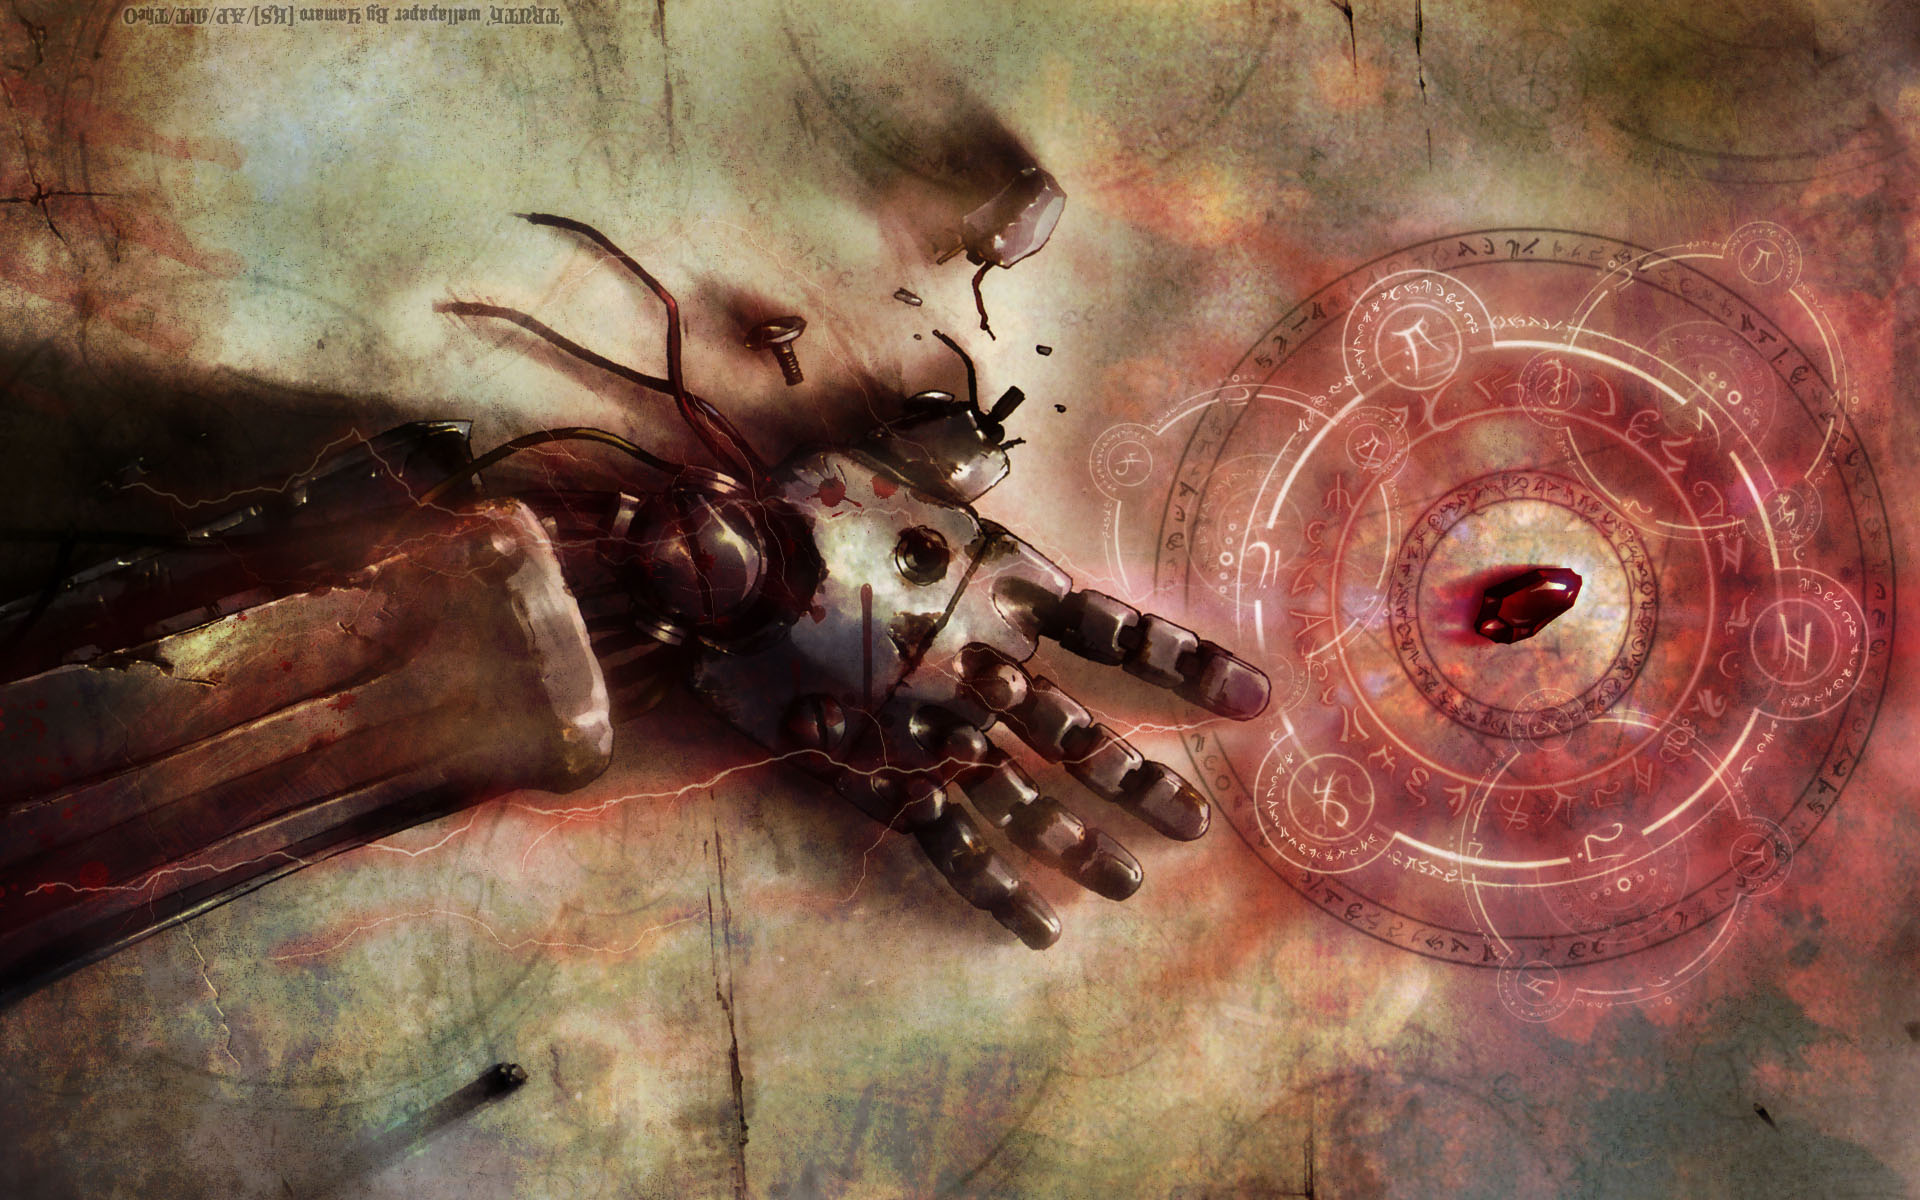 Fullmetal Alchemist Brotherhood Best Quality Wallpapers 1920x1200